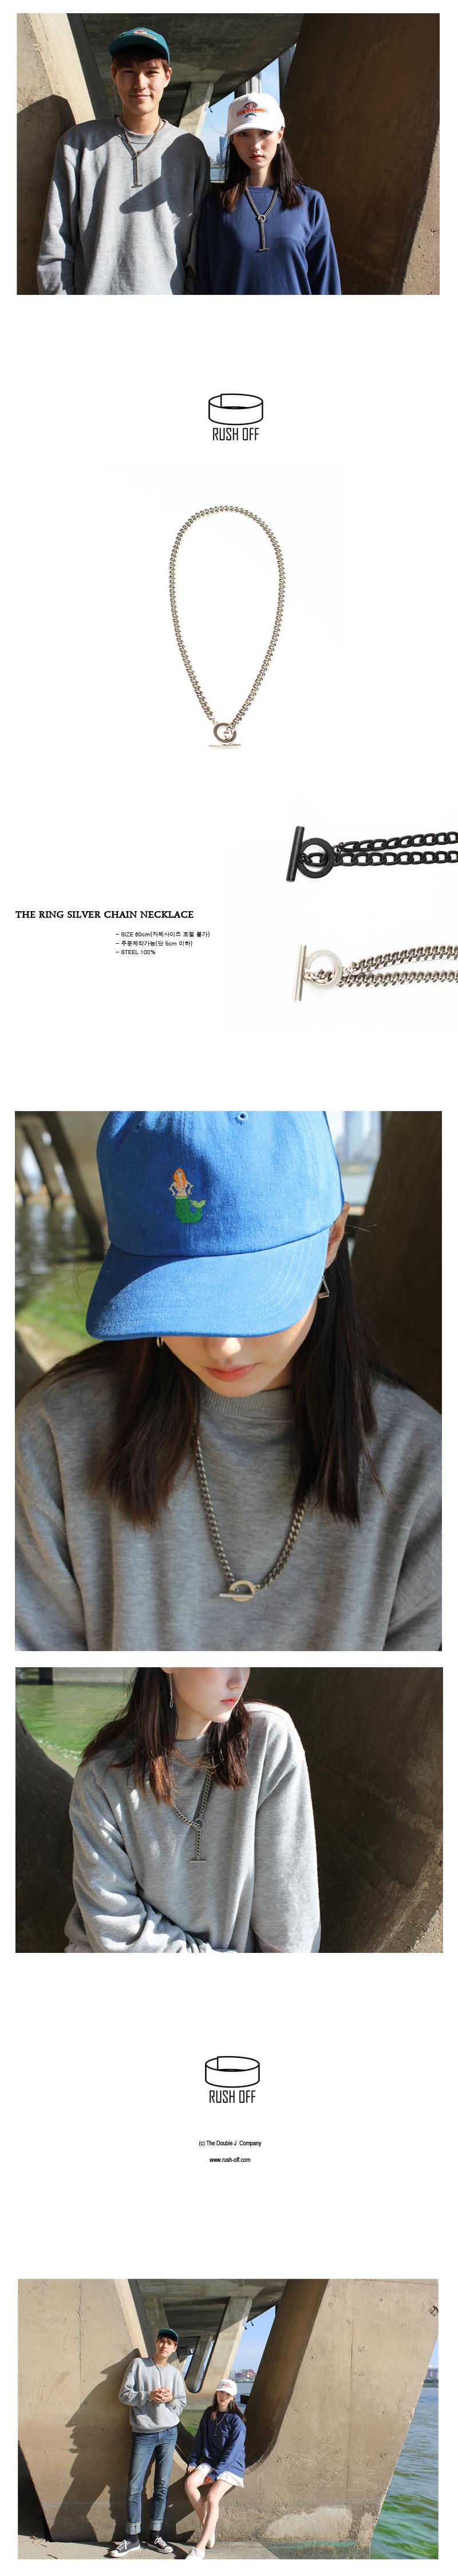 링 실버 체인 목걸이 - 러쉬오프, 18,900원, 패션, 패션목걸이